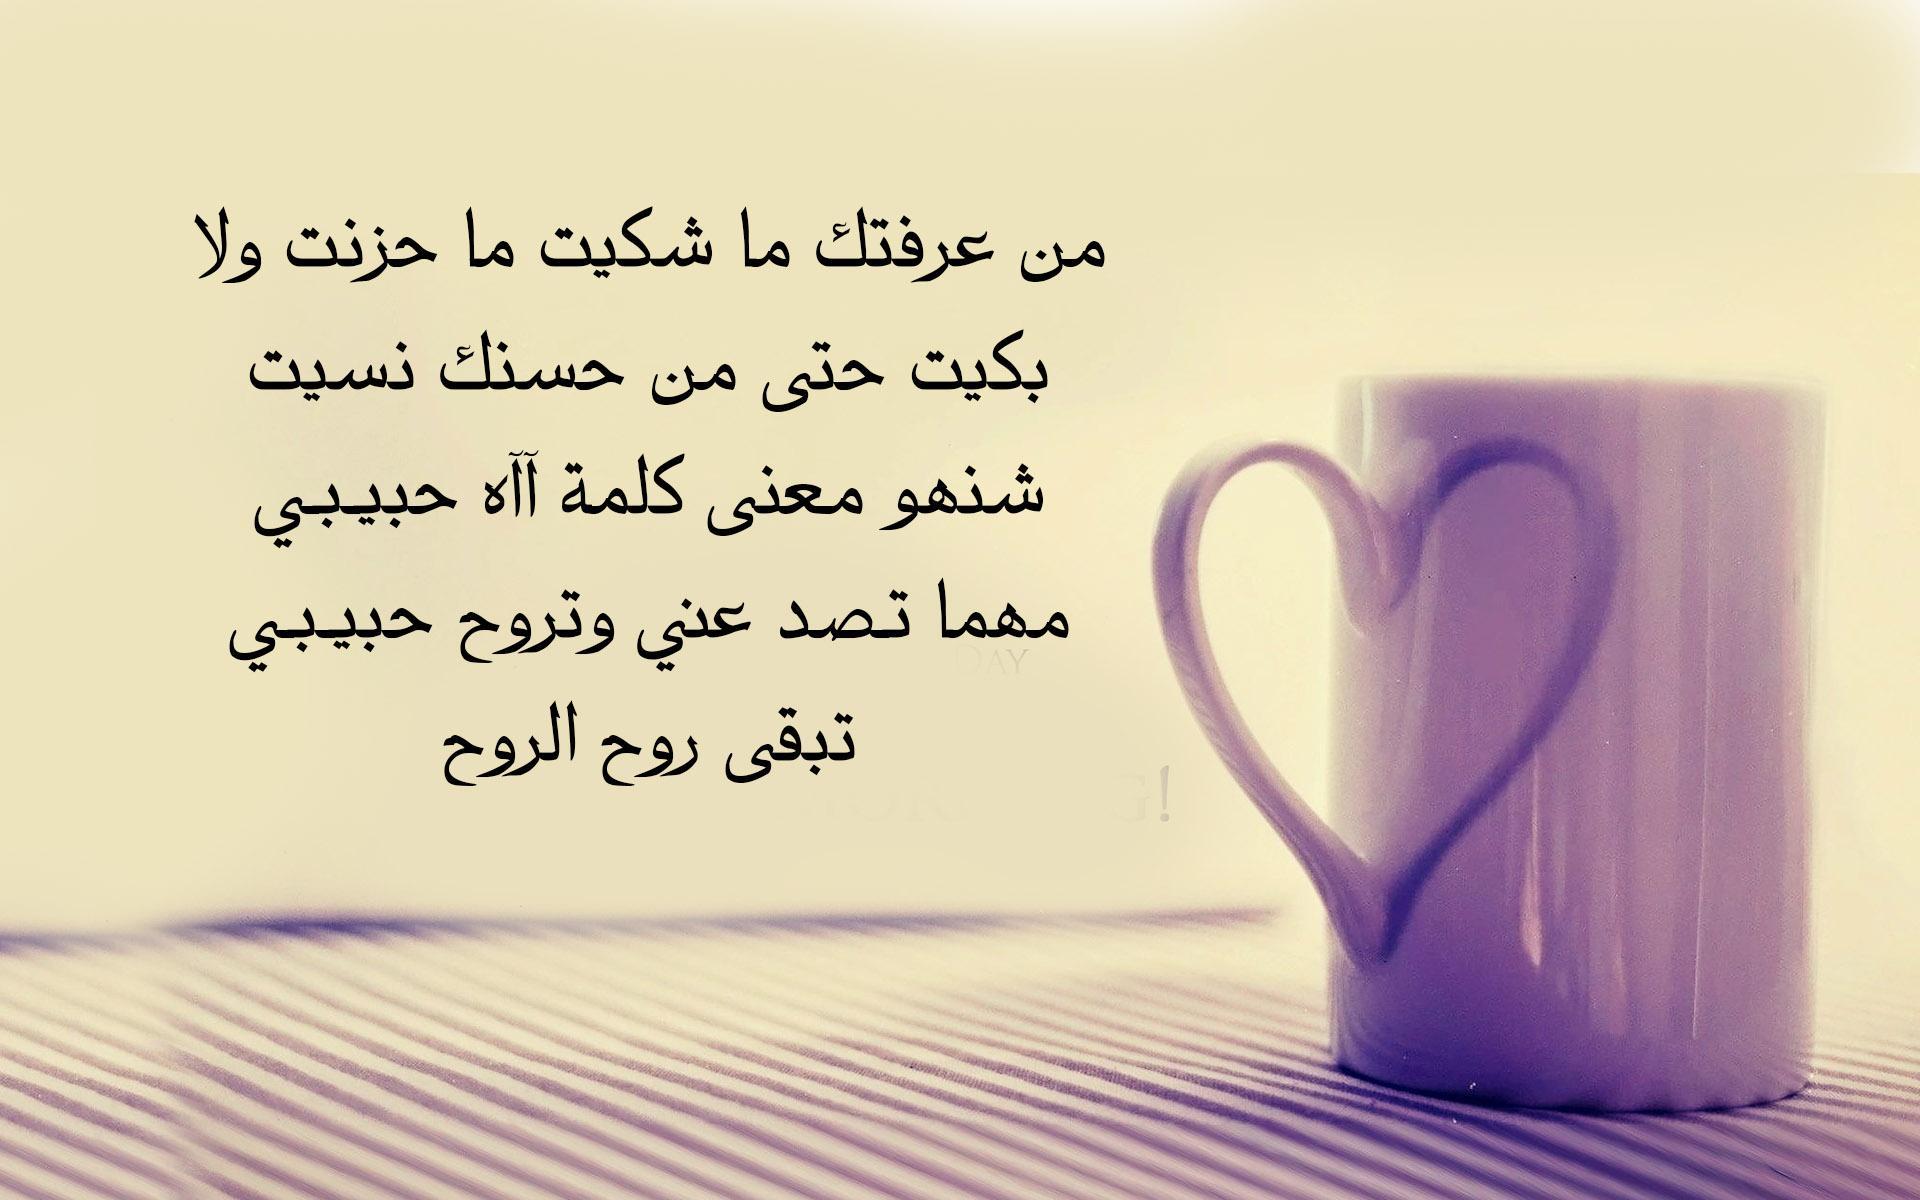 بالصور صور على الحب , تريد ان تخبر حبيبك بحبك له ارسل له هذه الكلمات 5291 7